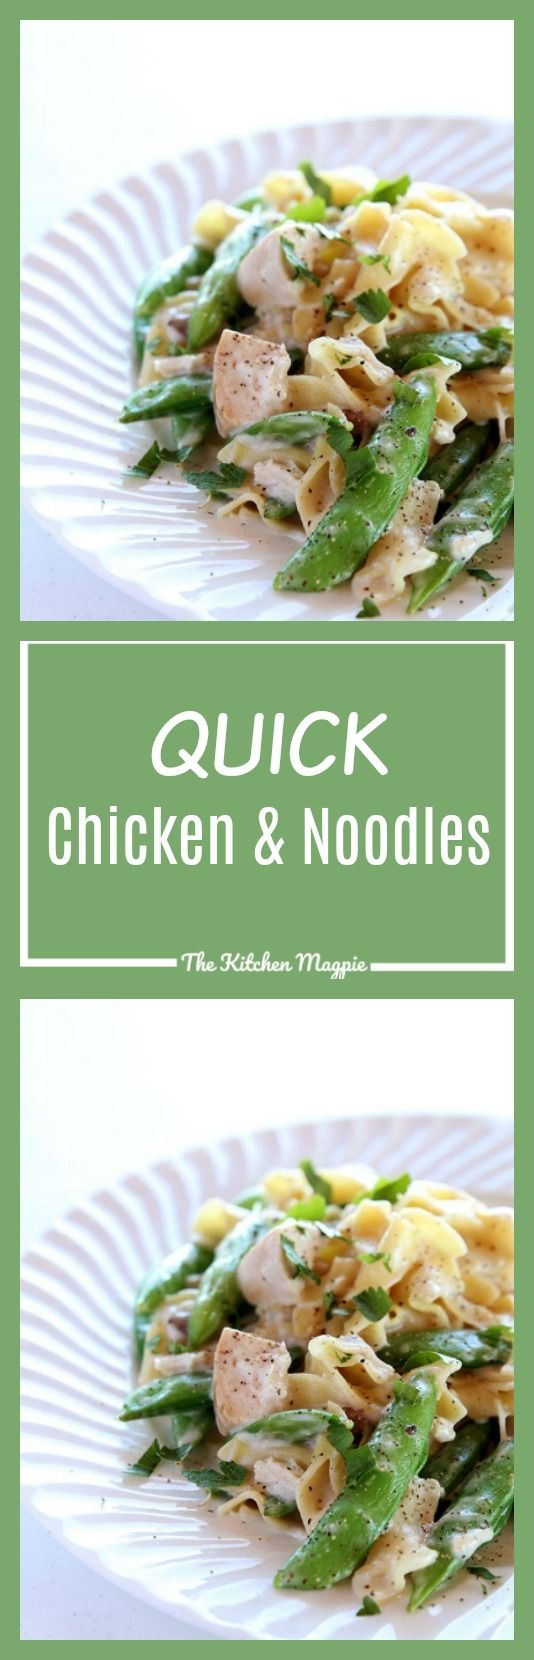 Quick Chicken & Noodles - The Kitchen Magpie